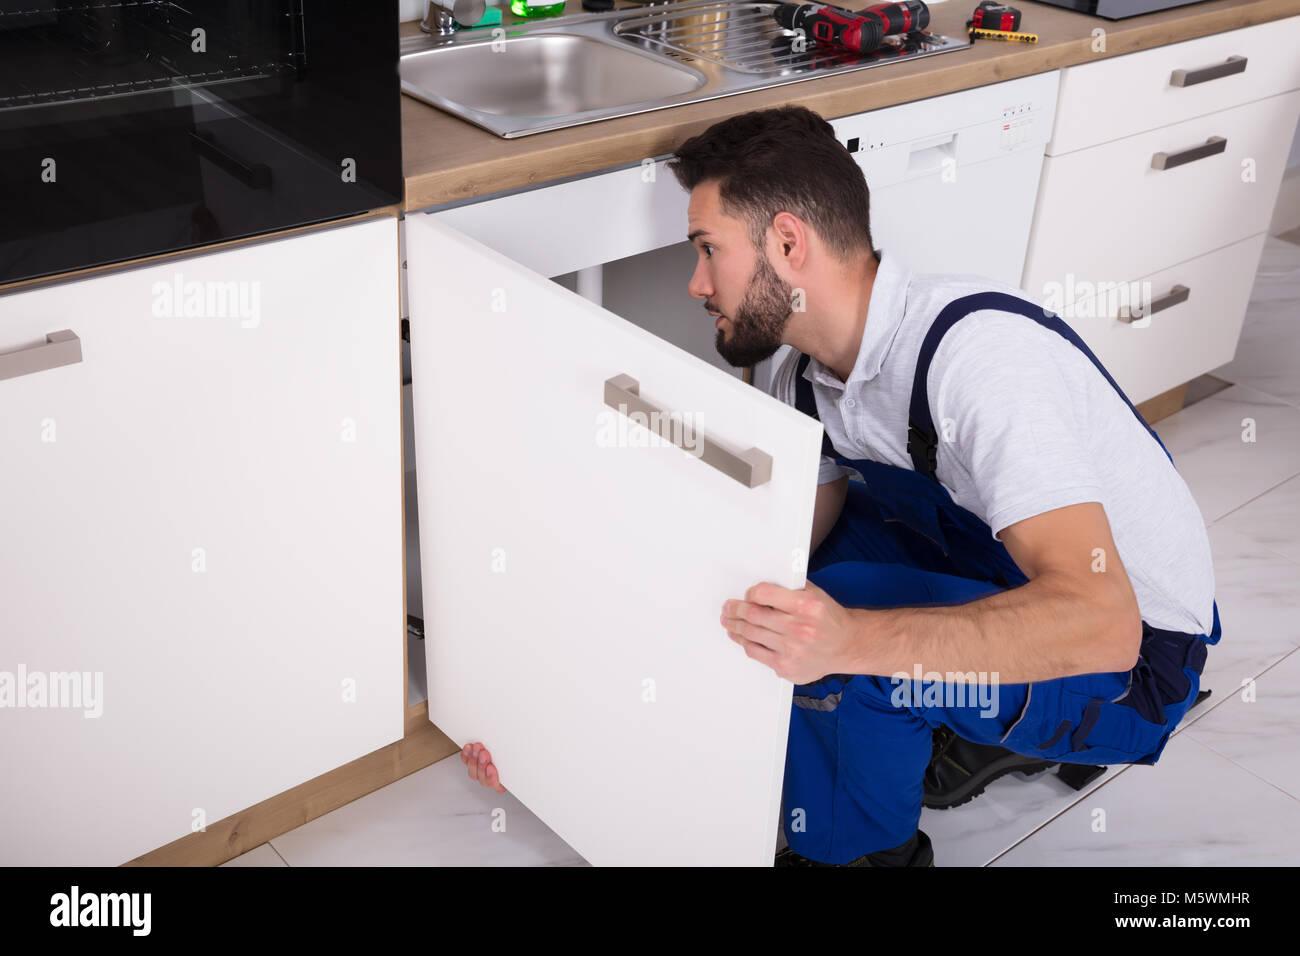 Young Handyman Fixing Sink Door In Kitchen Stock Photo: 175741939 ...